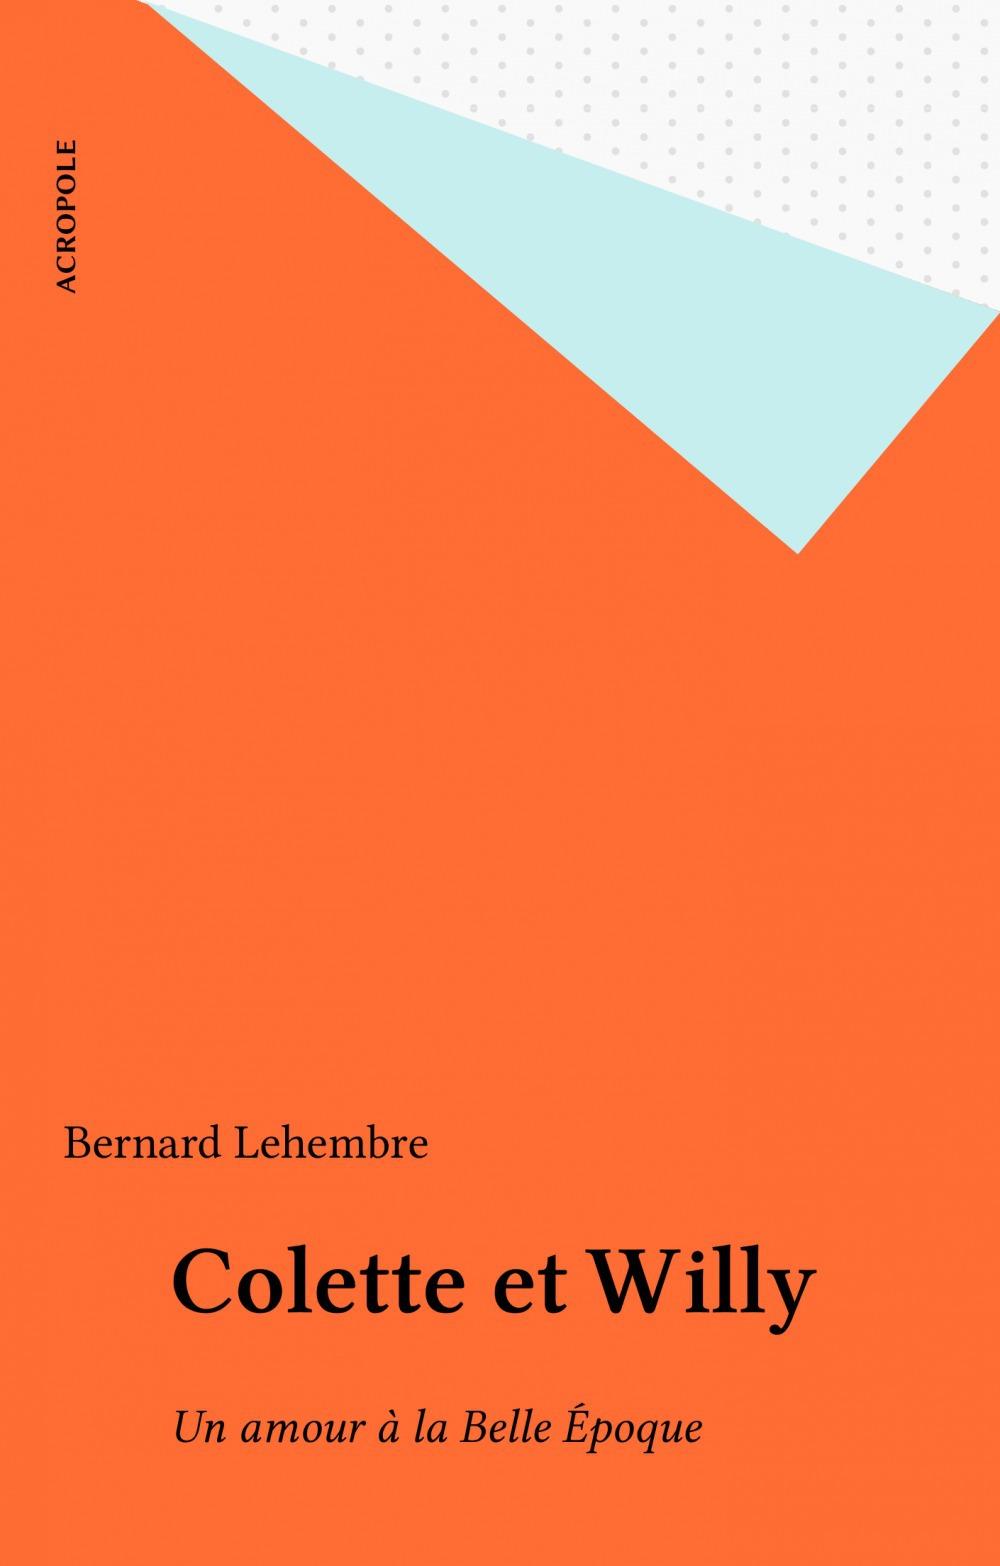 Colette et willy ; un amour a la belle epoque